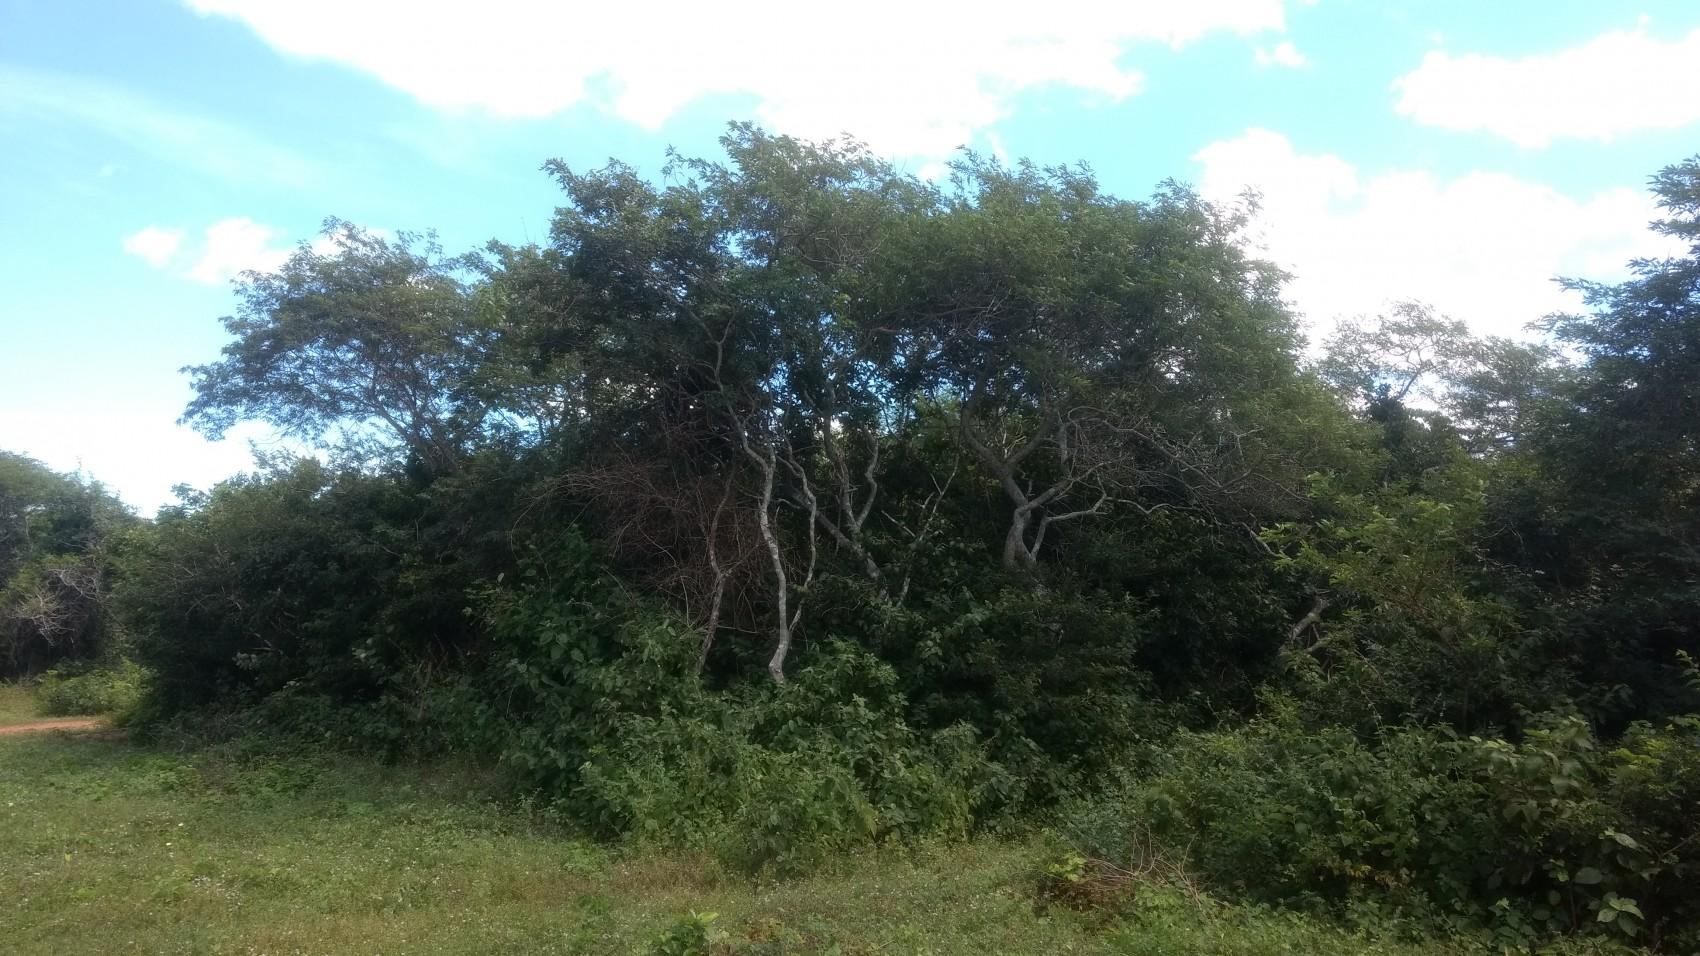 Figura 16 – Trecho de Floresta próximo à costa atlântica em Luís Correia (PI). Fonte: Arquivo pessoal.